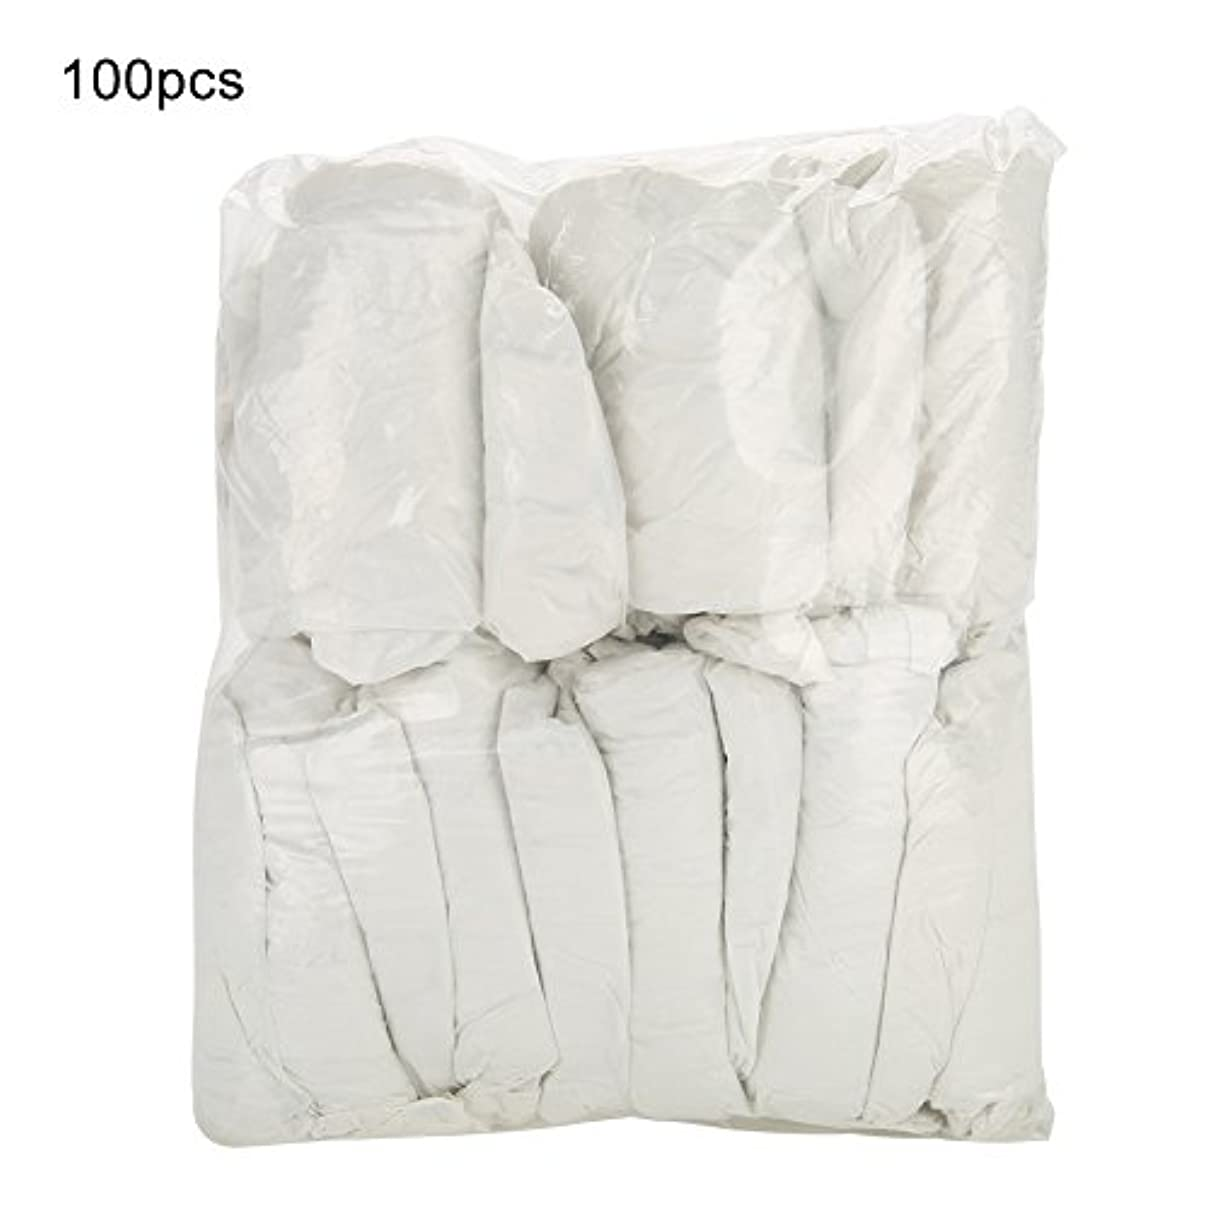 Semme 100pcs / bag使い捨てPlasticTattooスリーブ、滅菌タトゥーアームスリーブスリーブレットカバー保護